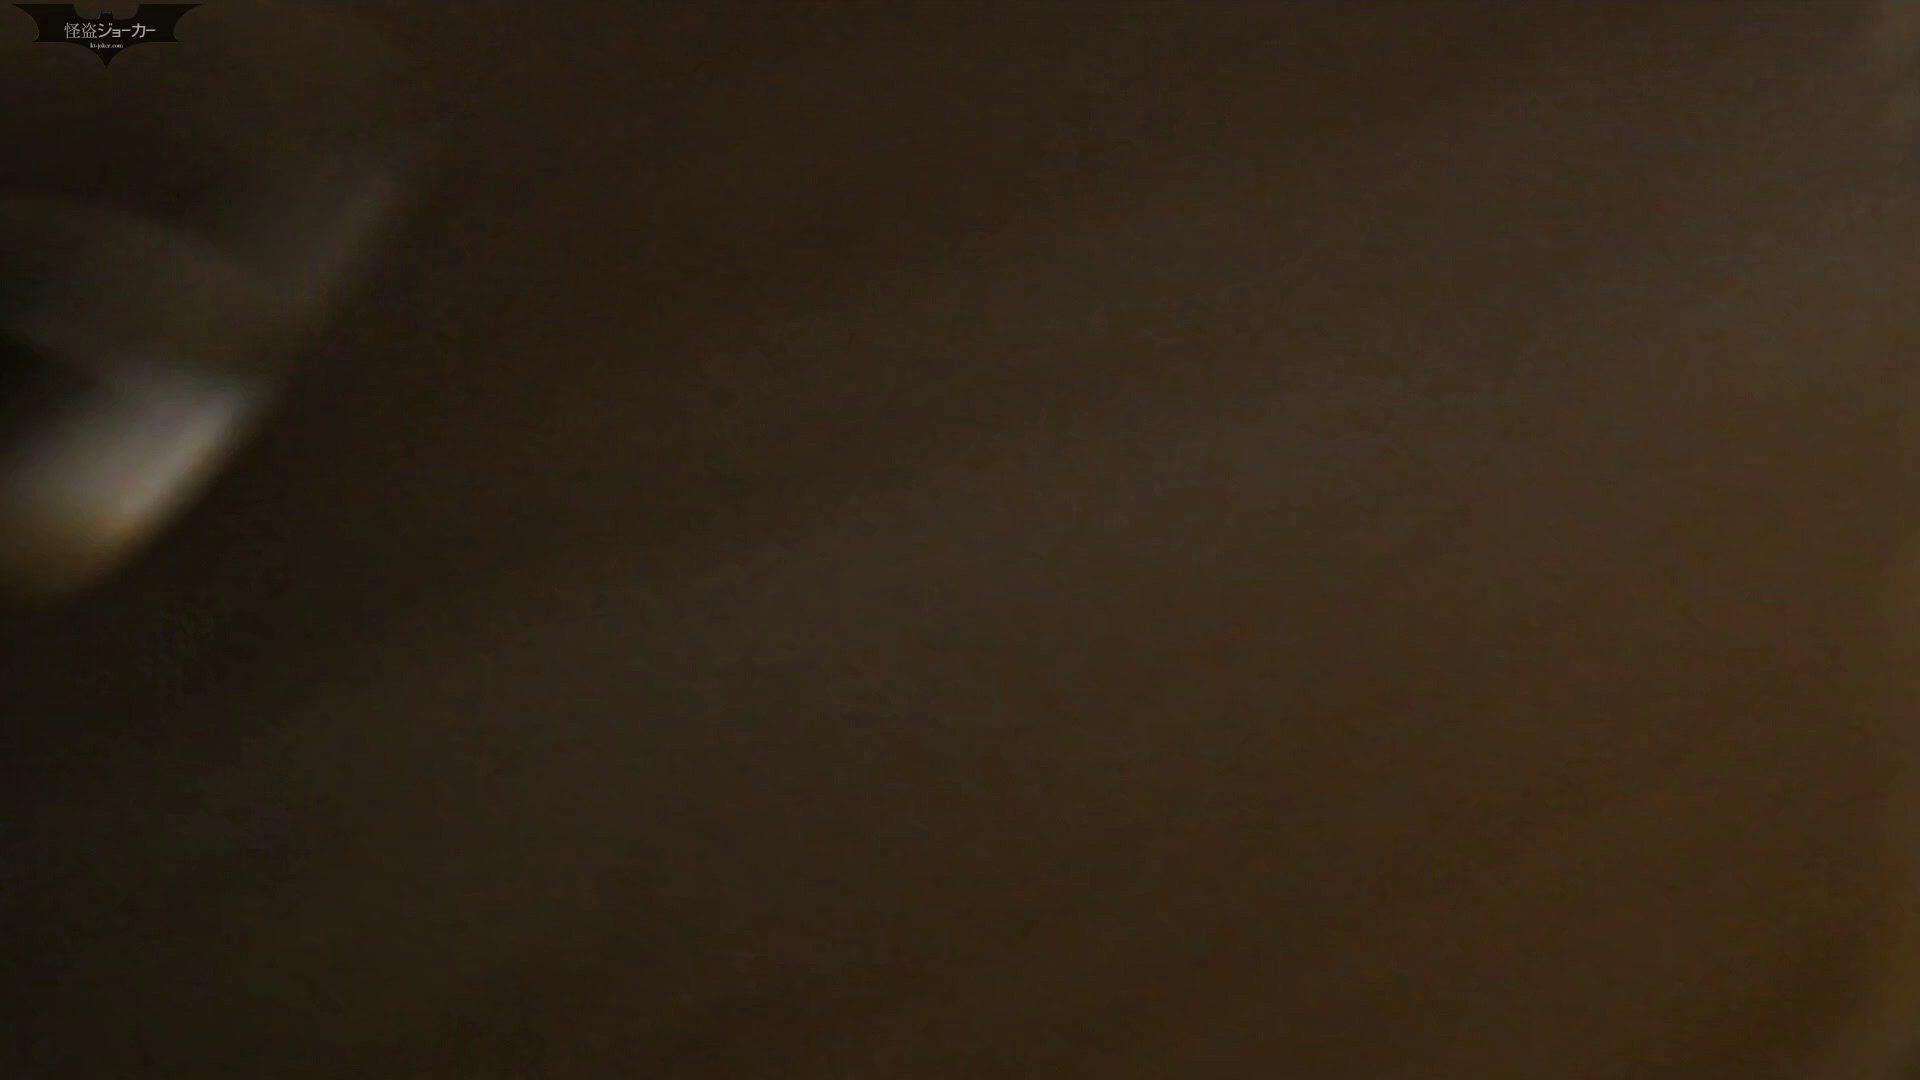 阿国ちゃんの和式洋式七変化 Vol.25 ん?突起物が・・・。 OL | 洗面所着替え  64連発 29